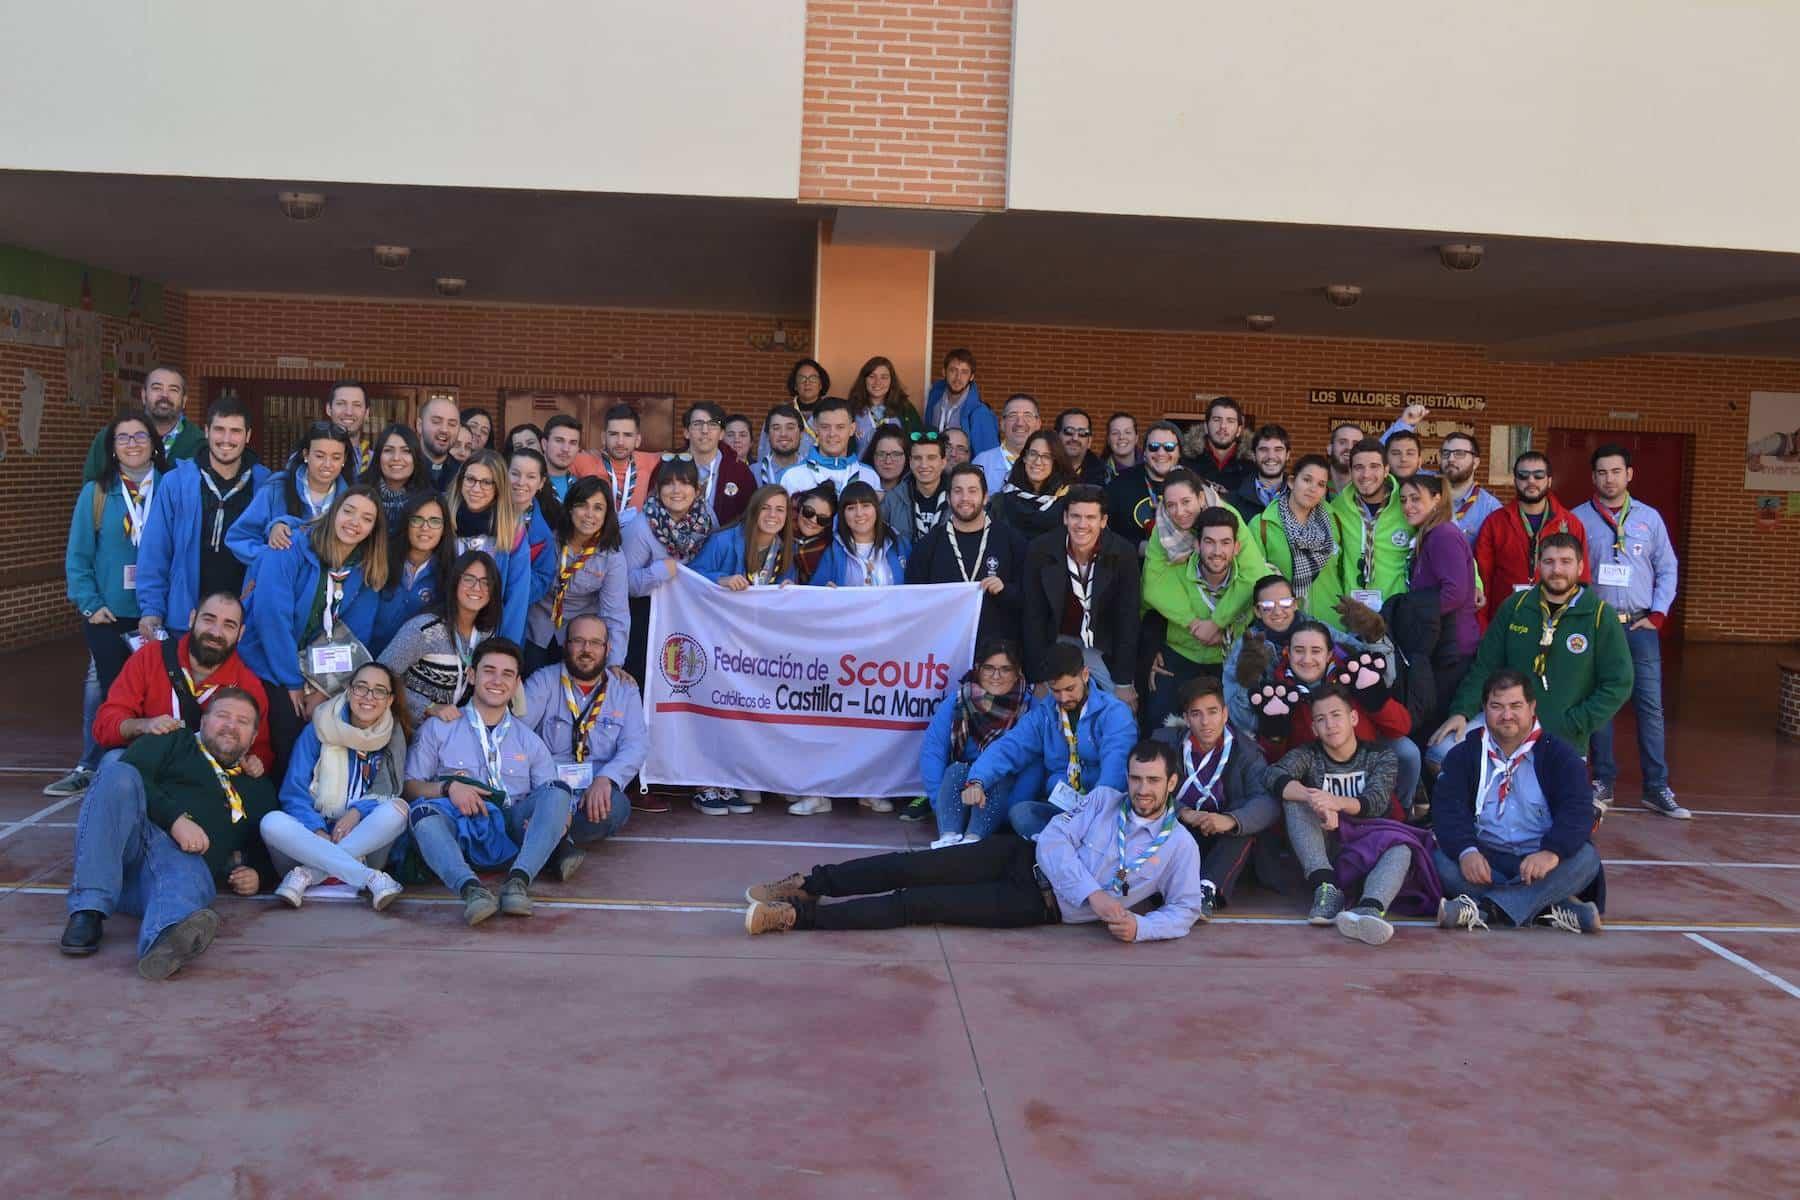 foro scouts herencia clm - Los scouts de Castilla-La Mancha se reunieron en Herencia